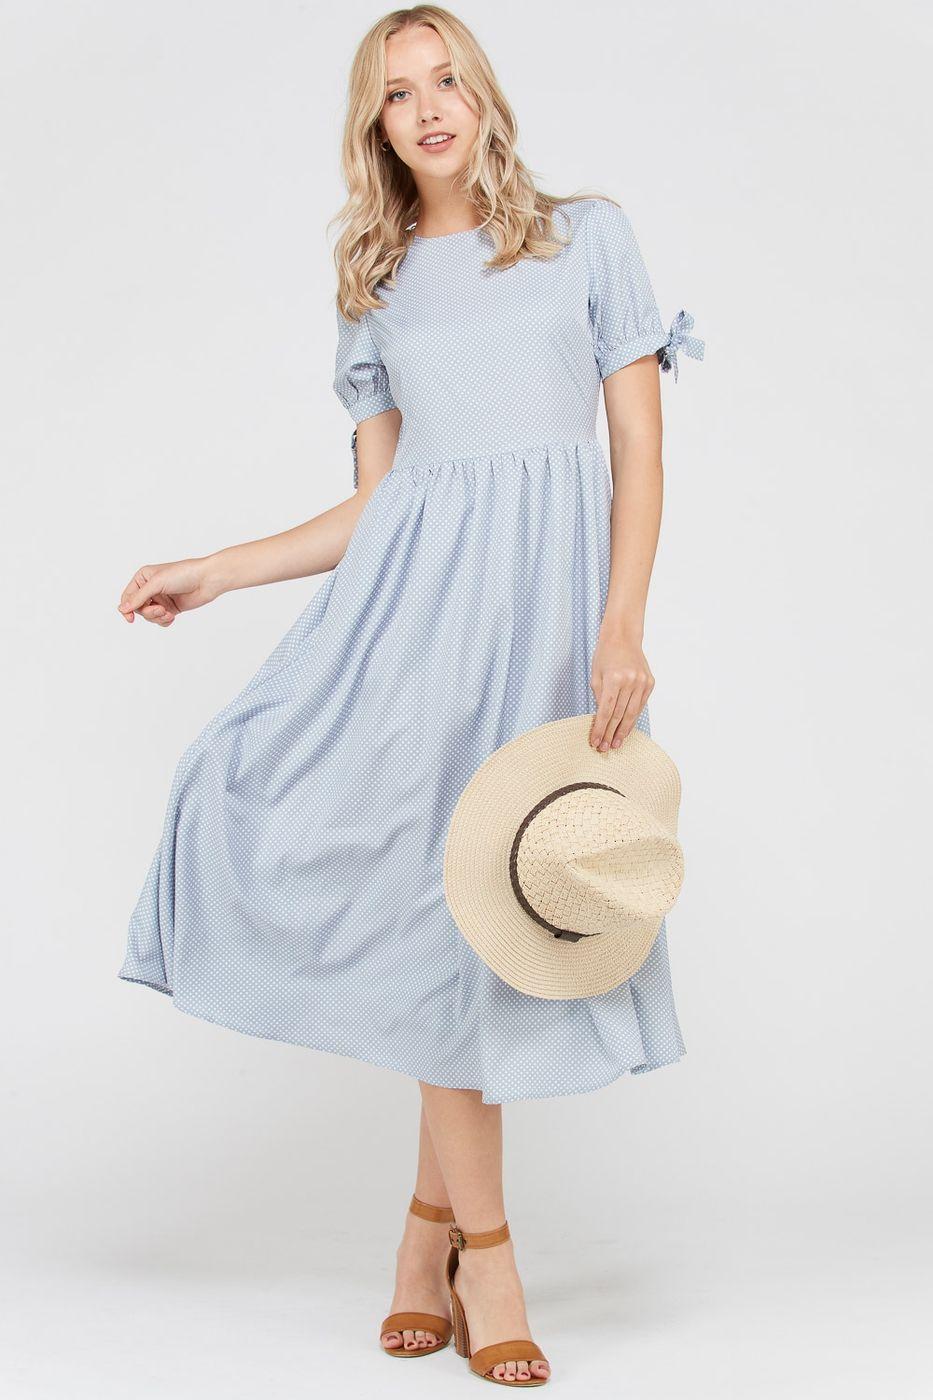 Perfect Summer Dress   Summer dresses, Evening dresses ...